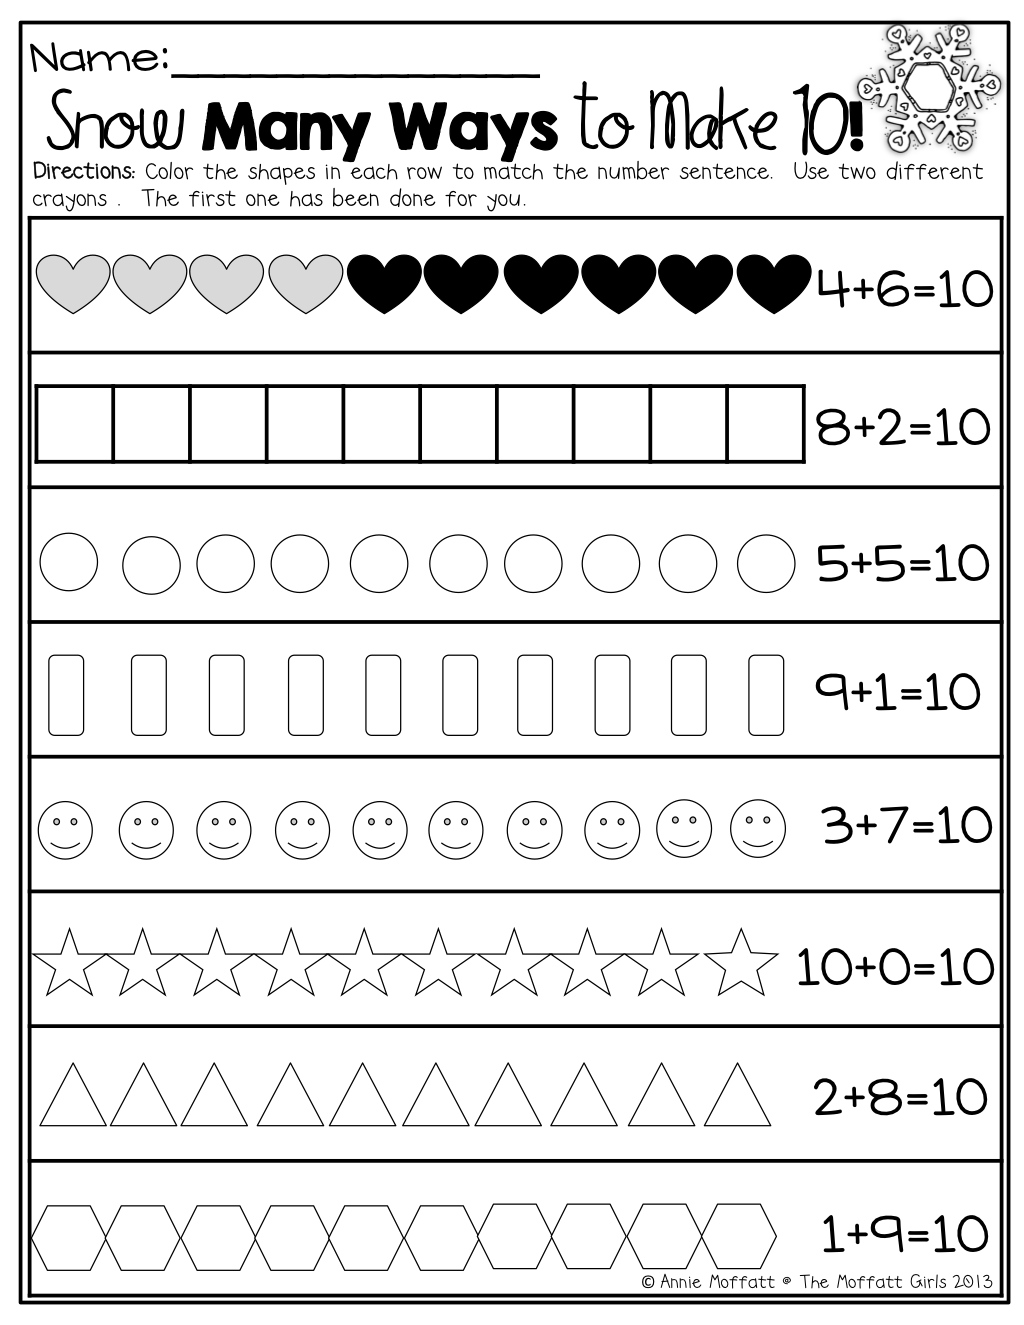 worksheet Decomposing Numbers Kindergarten Worksheets ways to make 10 decomposing numbers sea homeschool math numbers